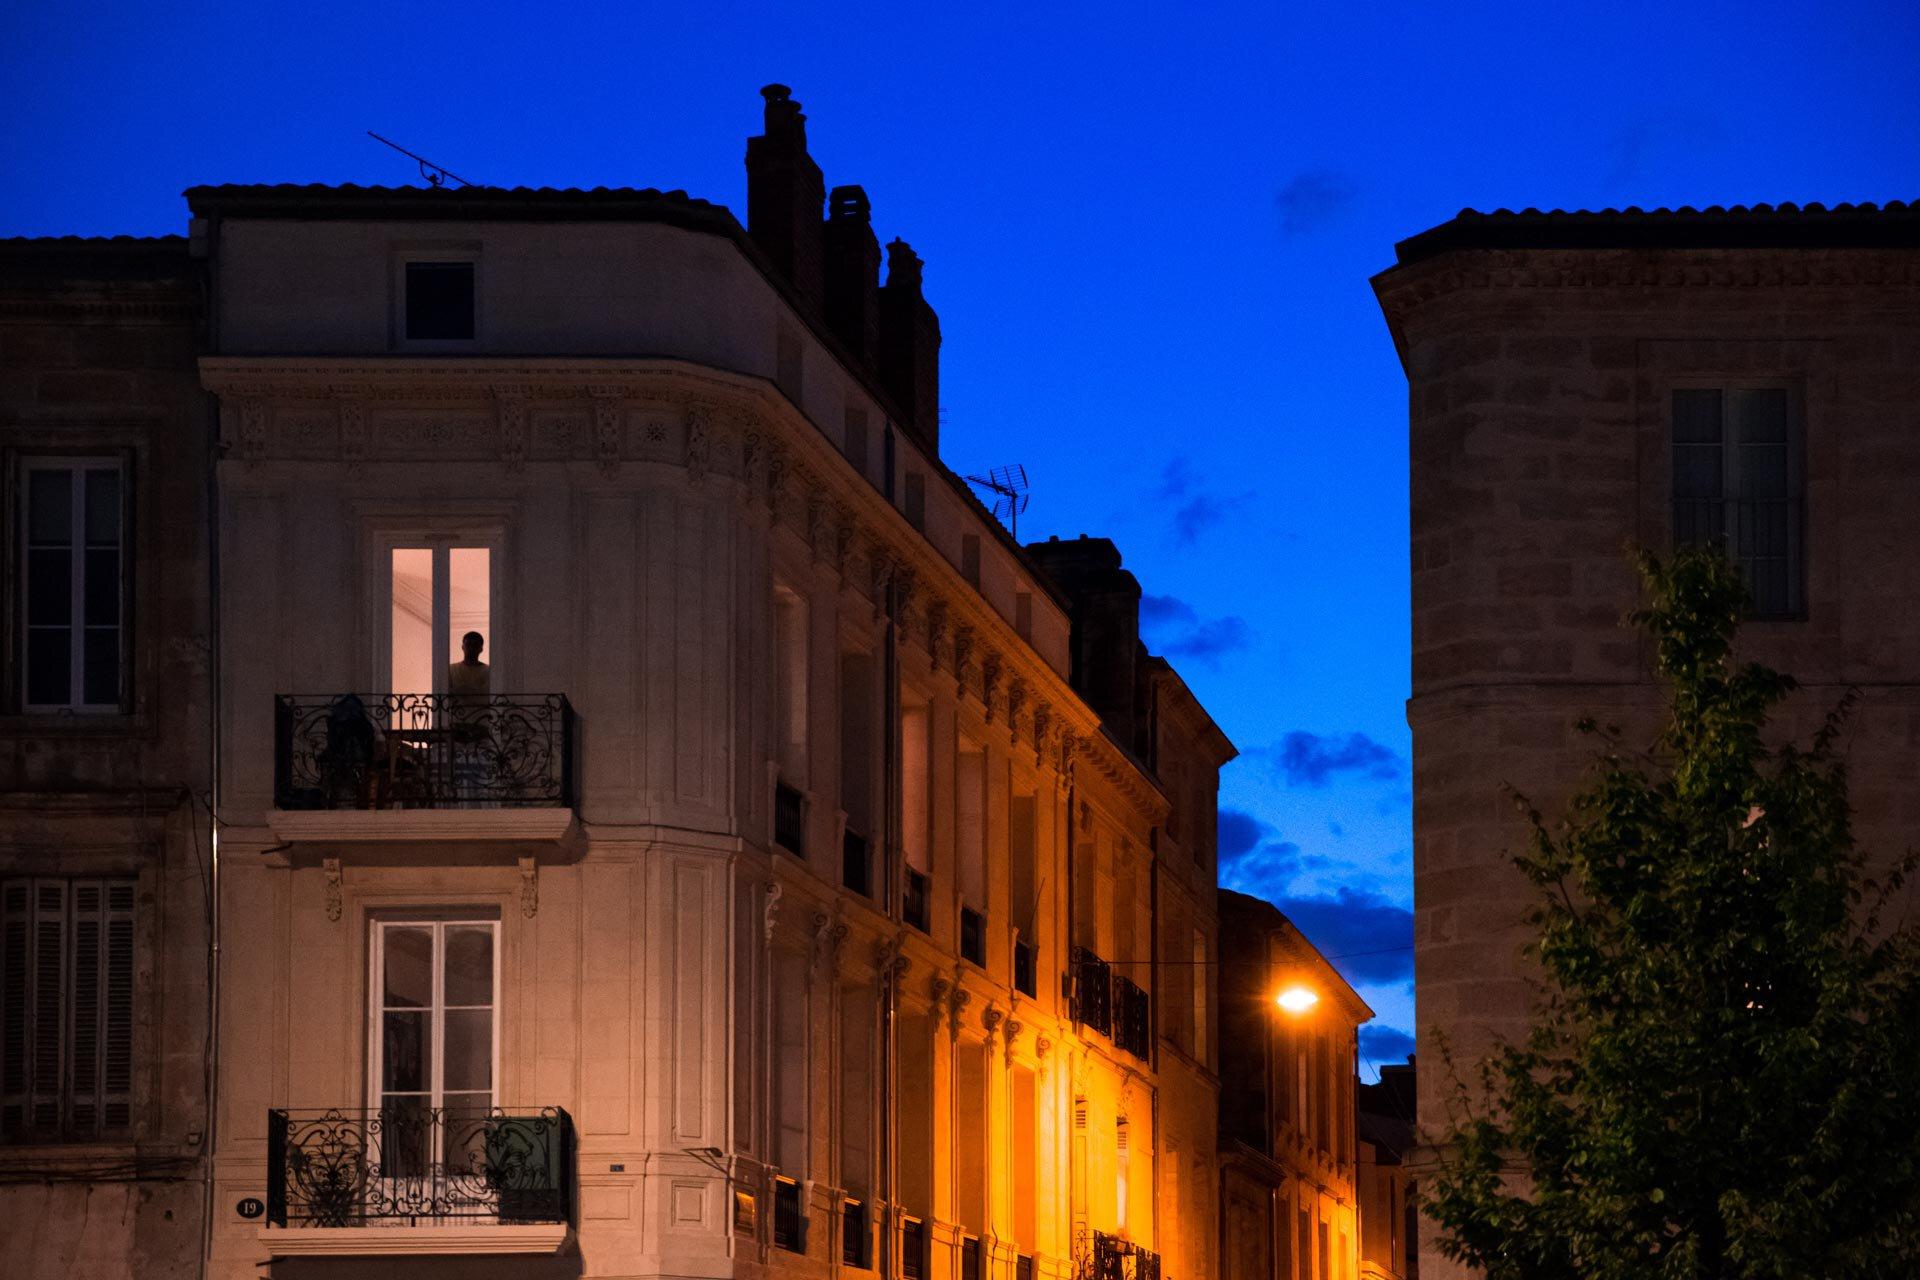 La nuit tombe. Le quartier Saint-Michel est désert. À une fenêtre, une ombre apparaît.